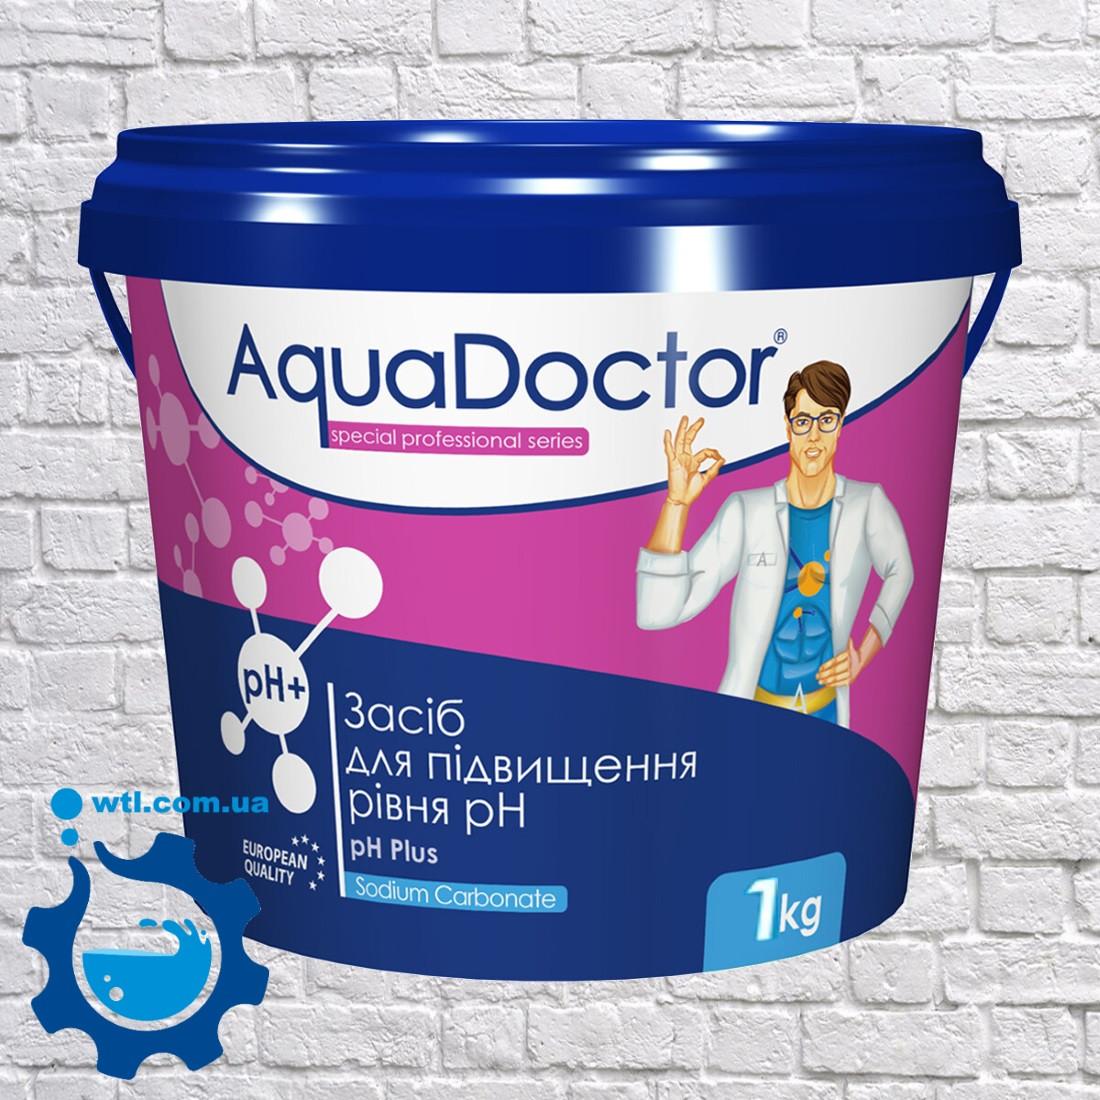 Средство для повышения уровня pH Aquadoctor pH Plus 1 кг Аквадоктор (порошок)